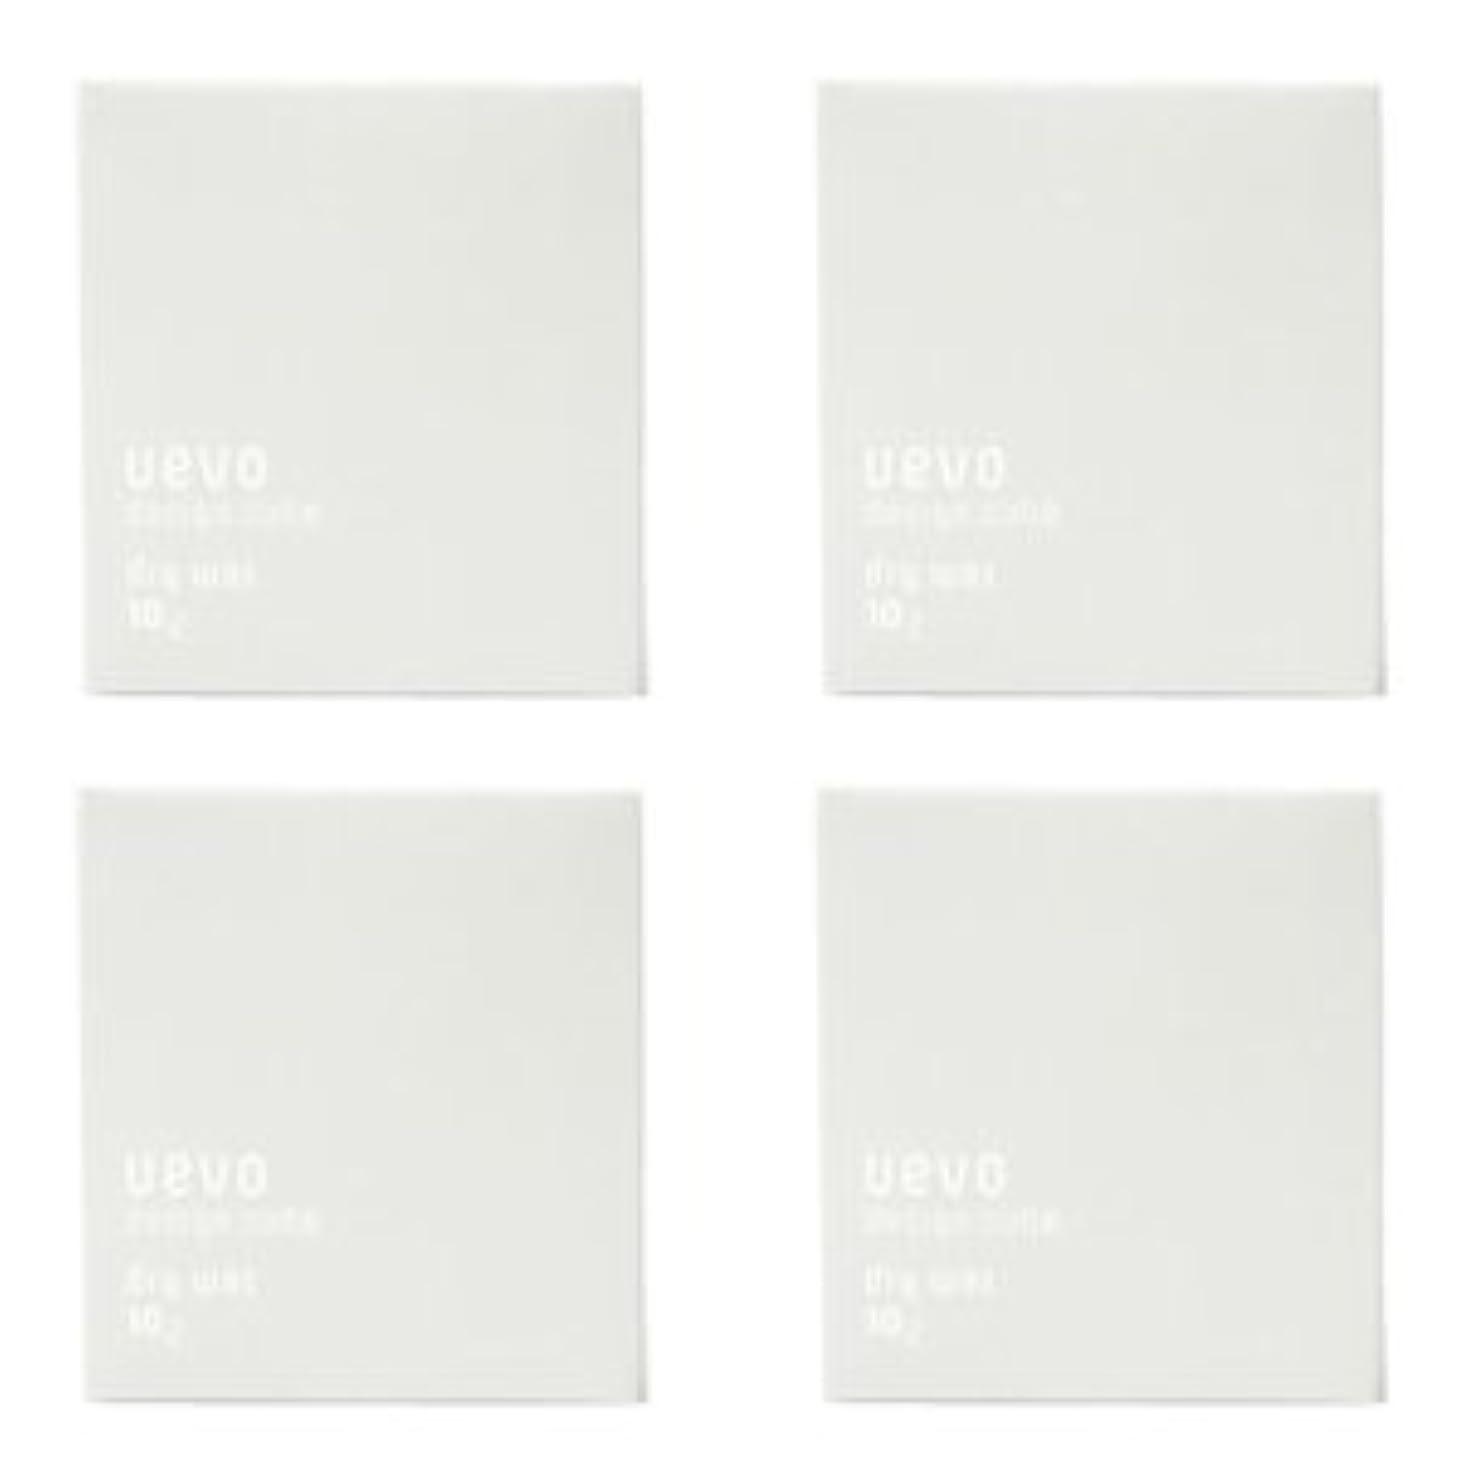 状態椅子着実に【X4個セット】 デミ ウェーボ デザインキューブ ドライワックス 80g dry wax